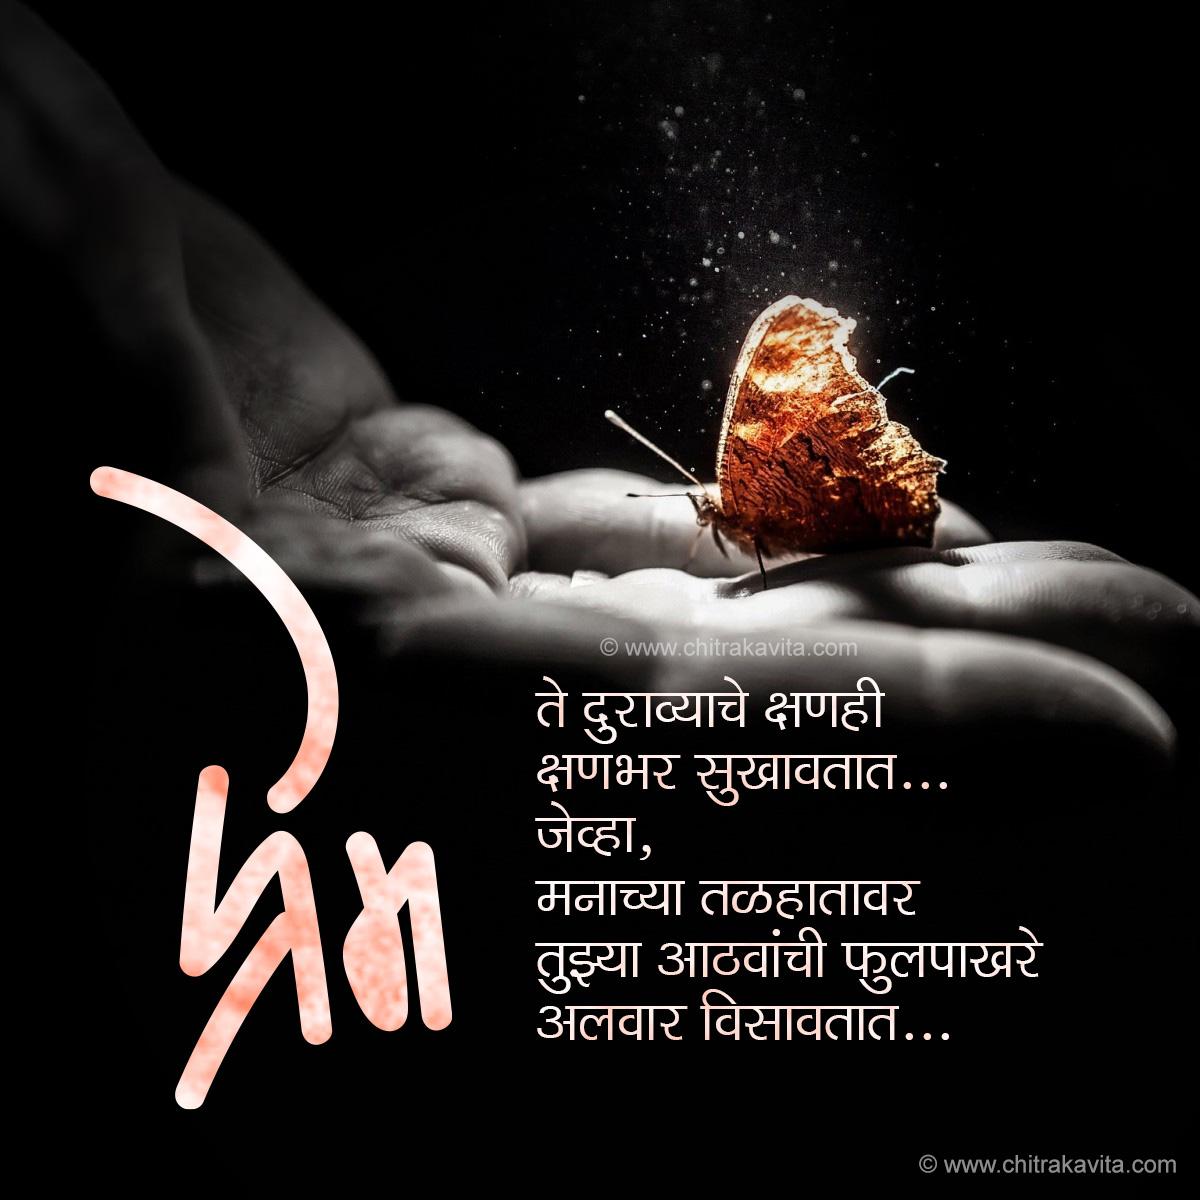 Marathi Kavita - Kshan-Duravyache, Marathi Poems, Marathi Chitrakavita